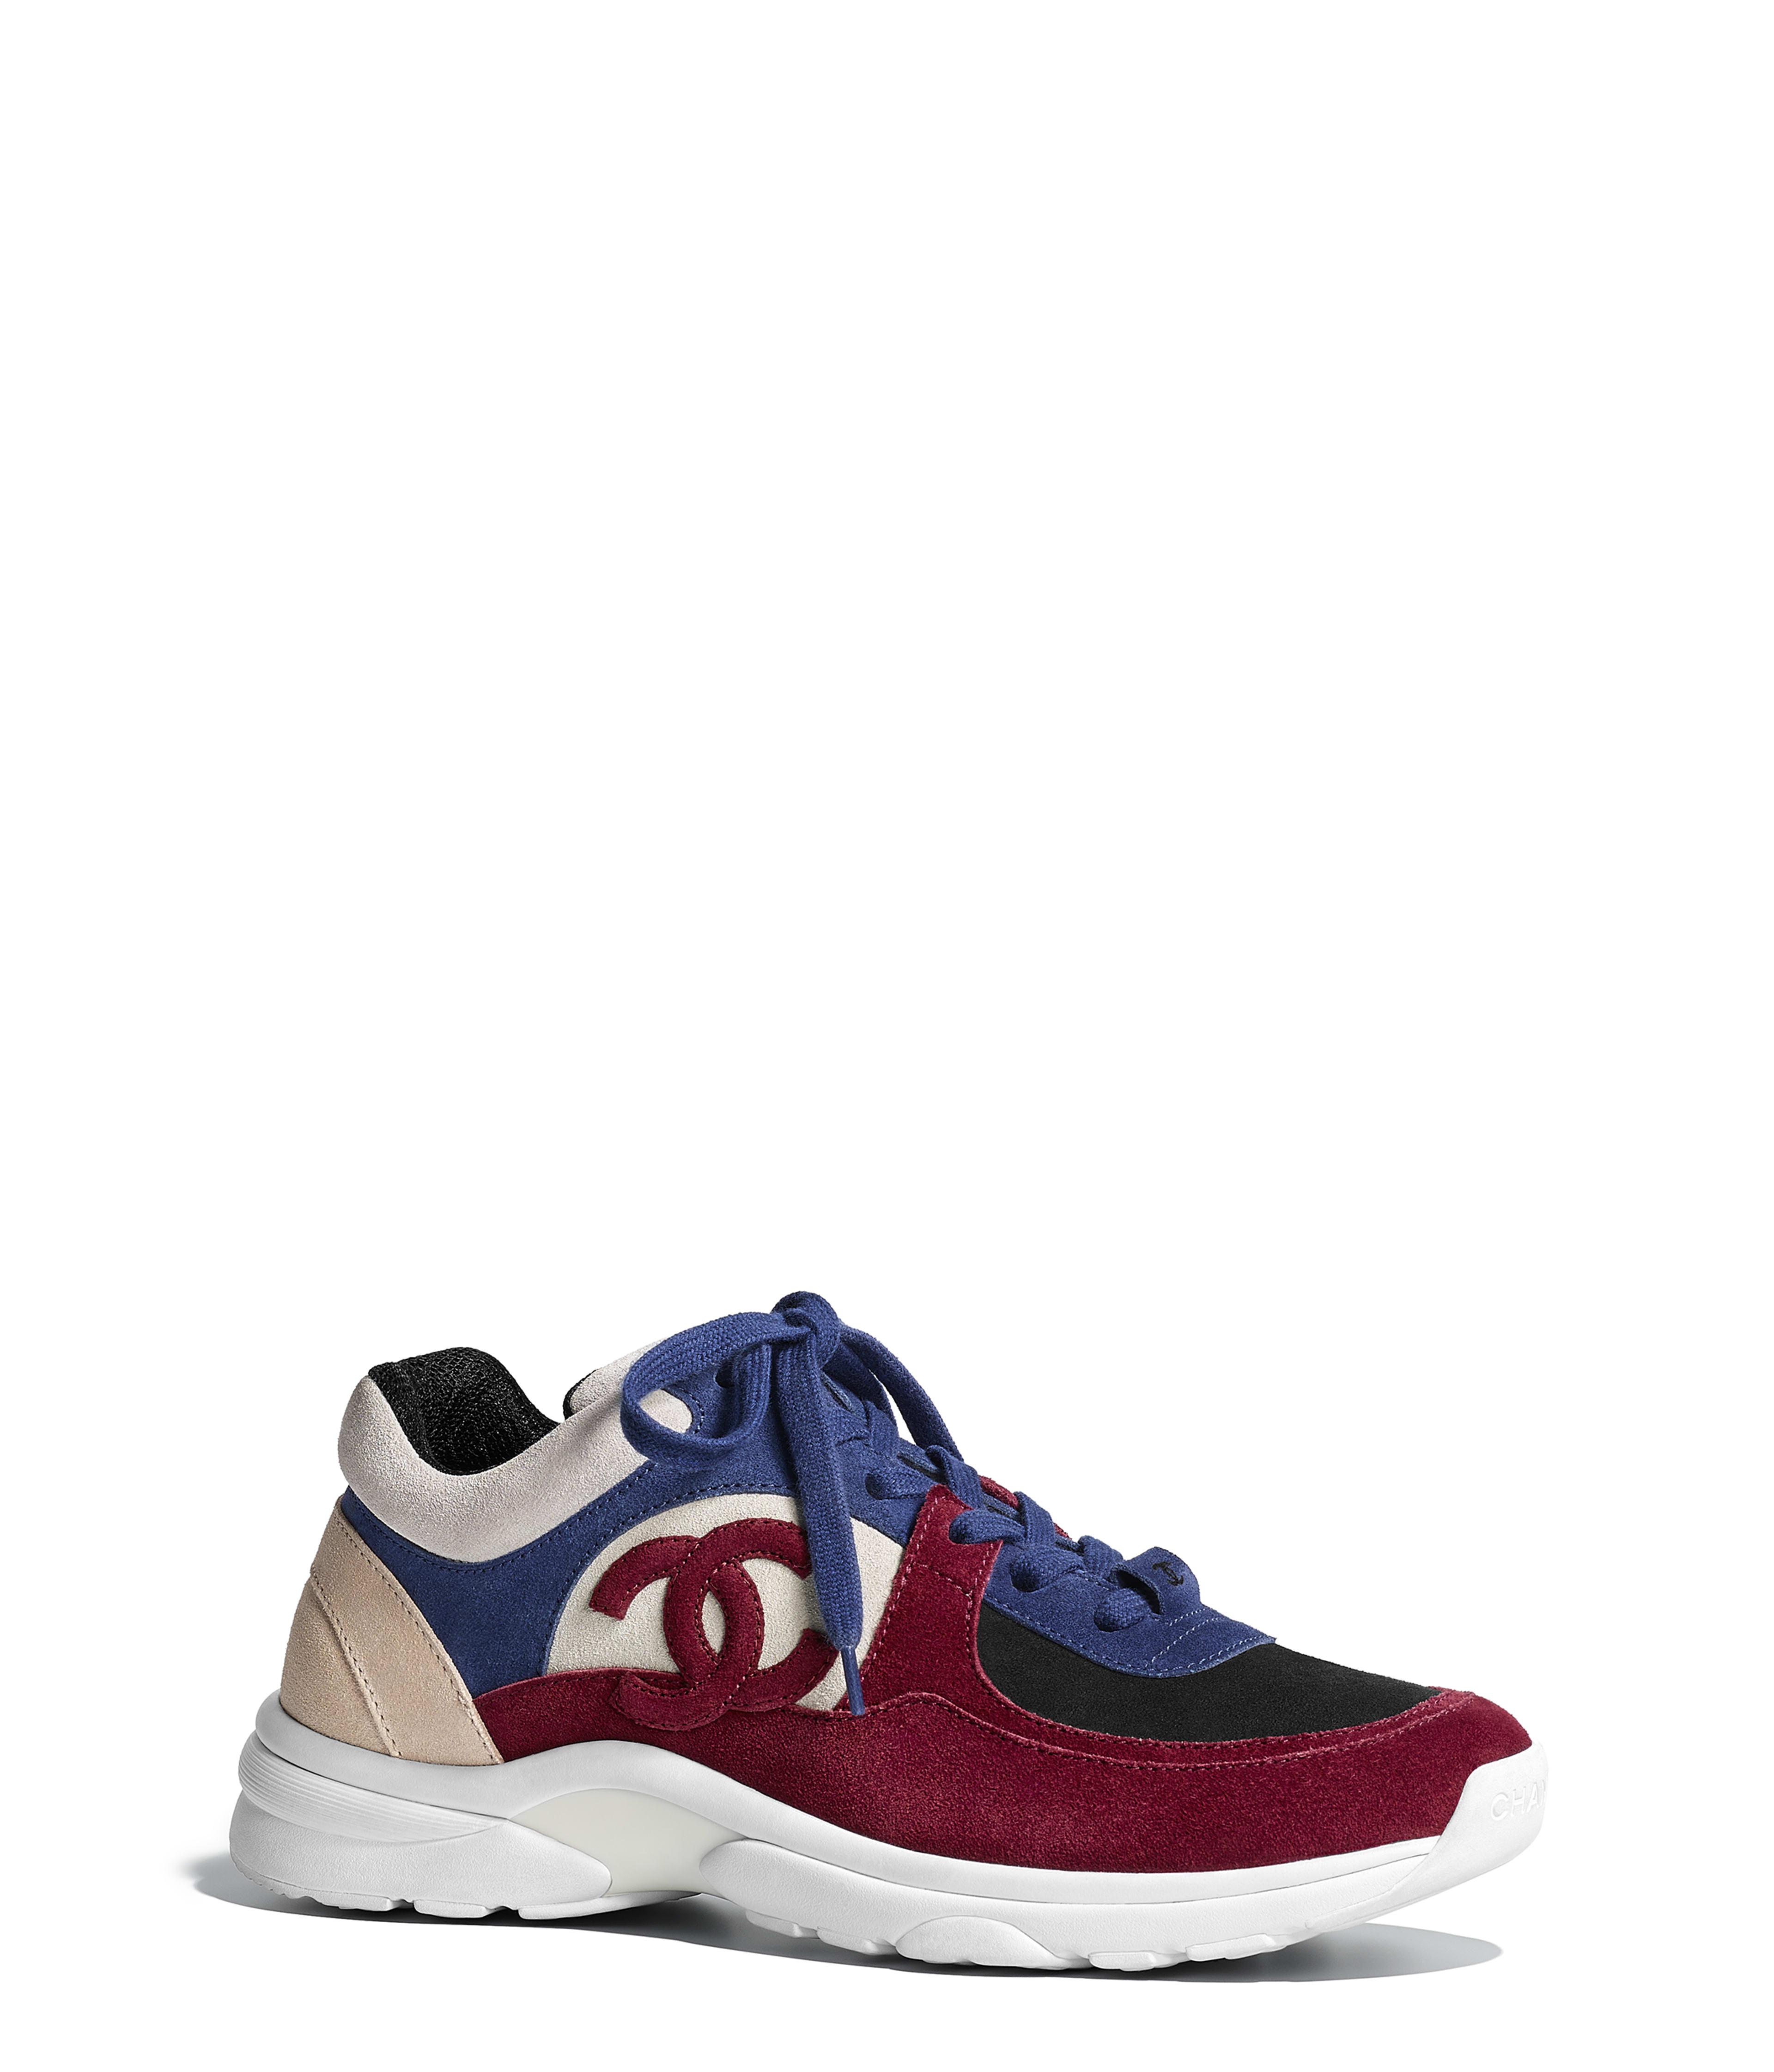 Sneakers Suede Calfskin Navy Blue u0026 Red